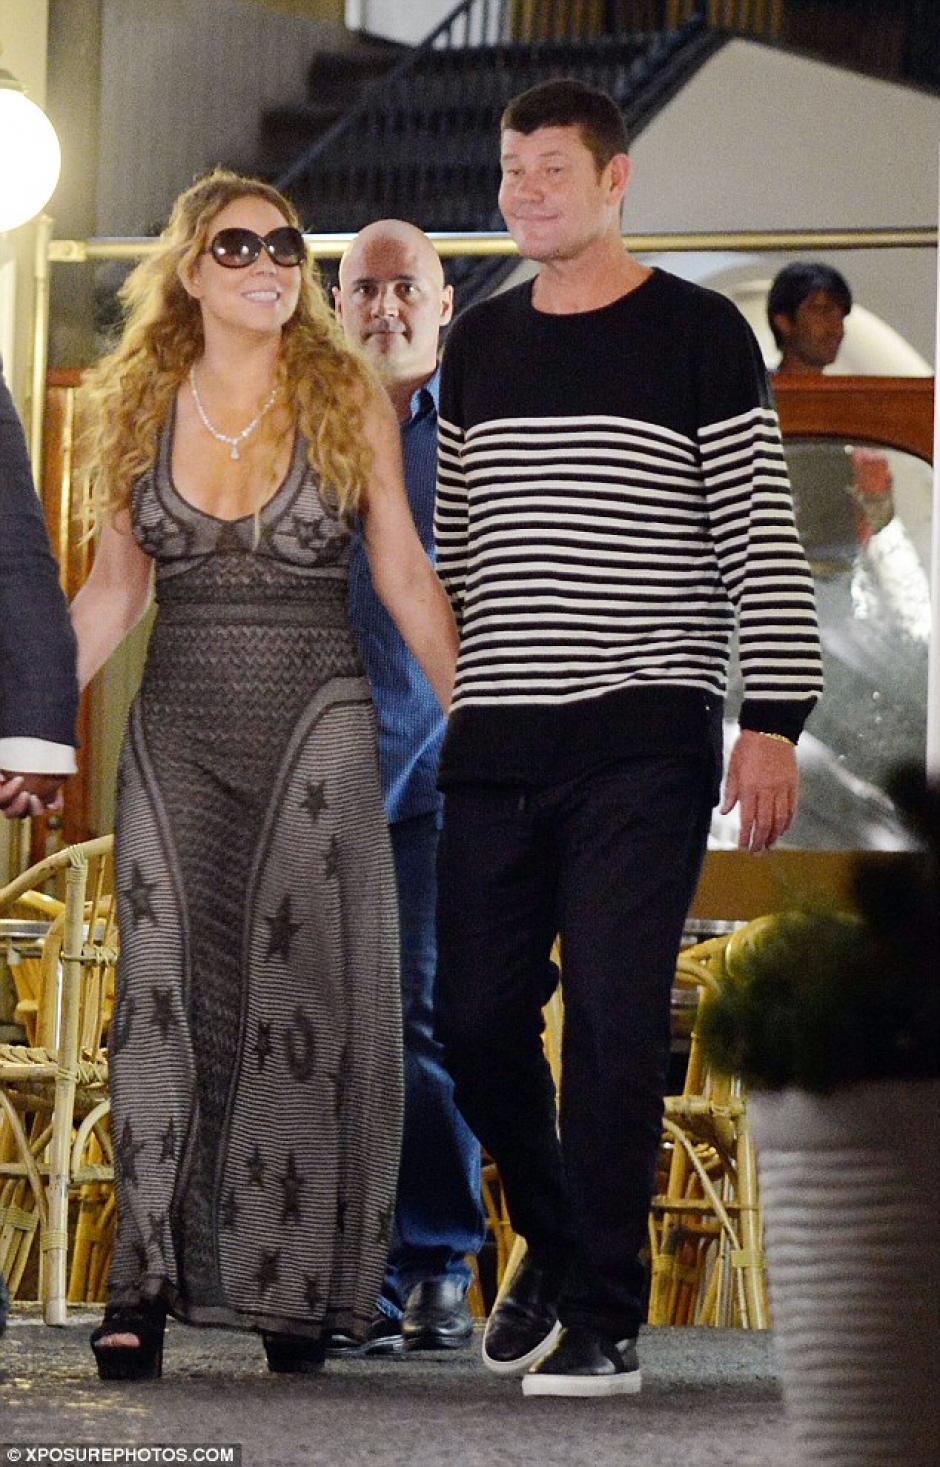 La pareja se encuentra de vacaciones en la isla de Capri, Italia. (Foto: Exposure Photos)